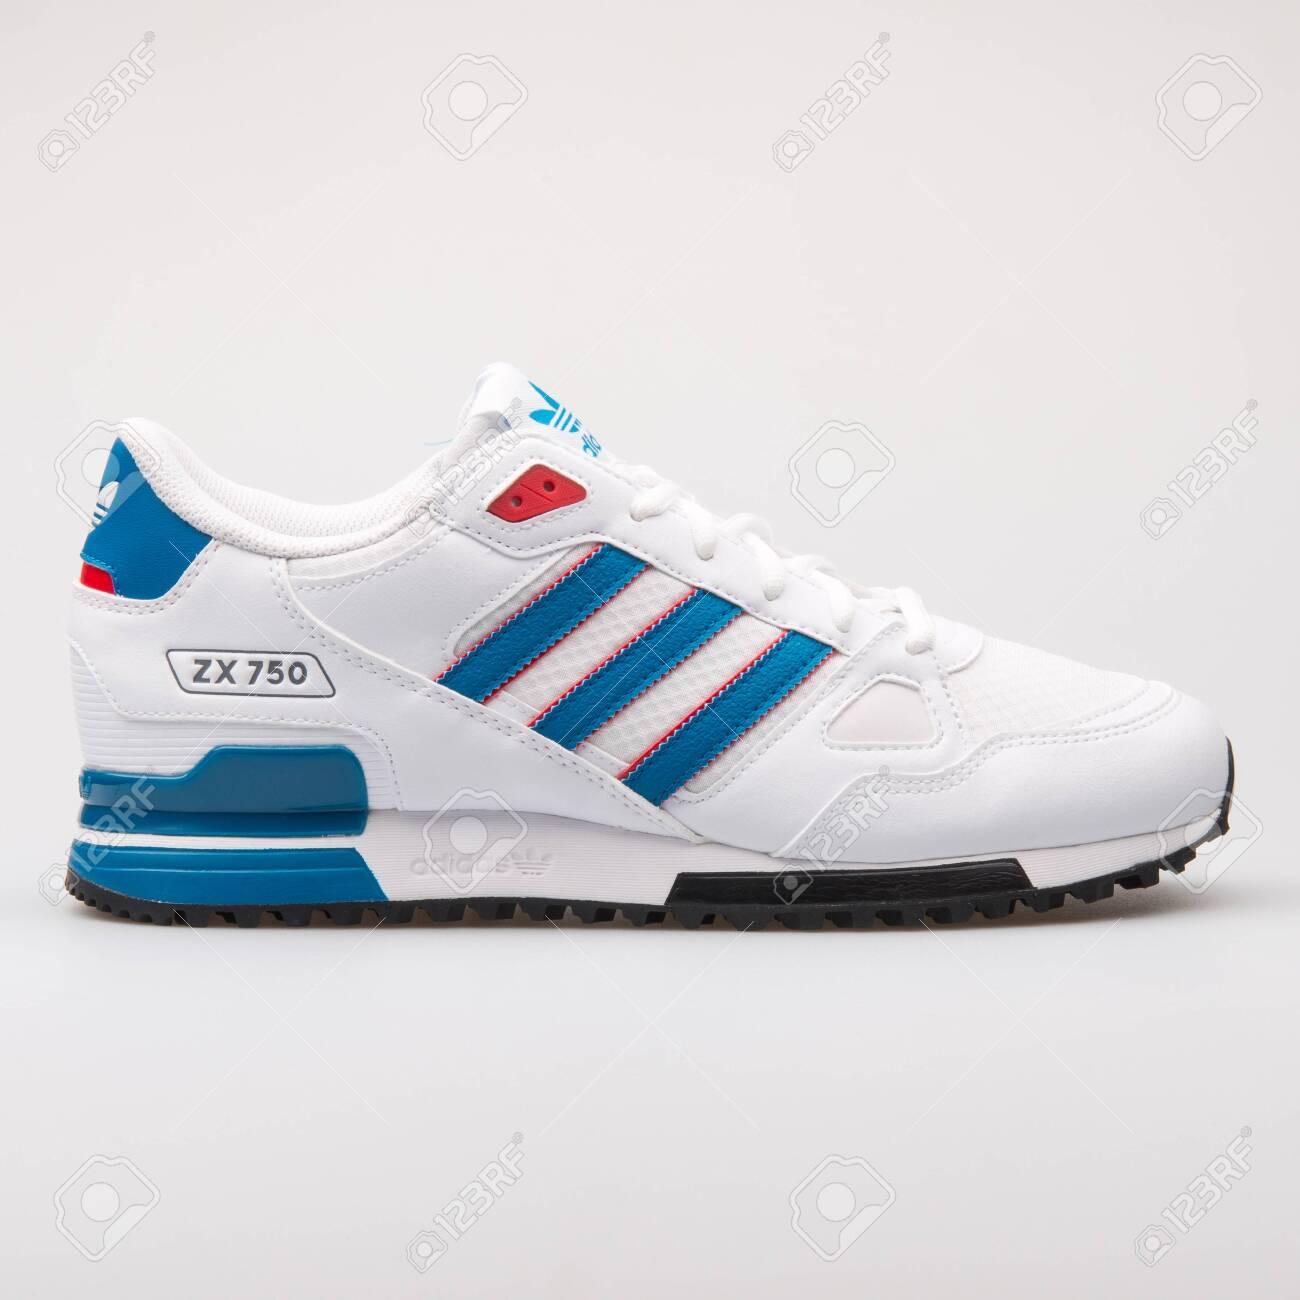 prezzo moderato comprare on line speciale per scarpa VIENNA, AUSTRIA - AUGUST 23, 2017: Adidas ZX 750 white and blue..